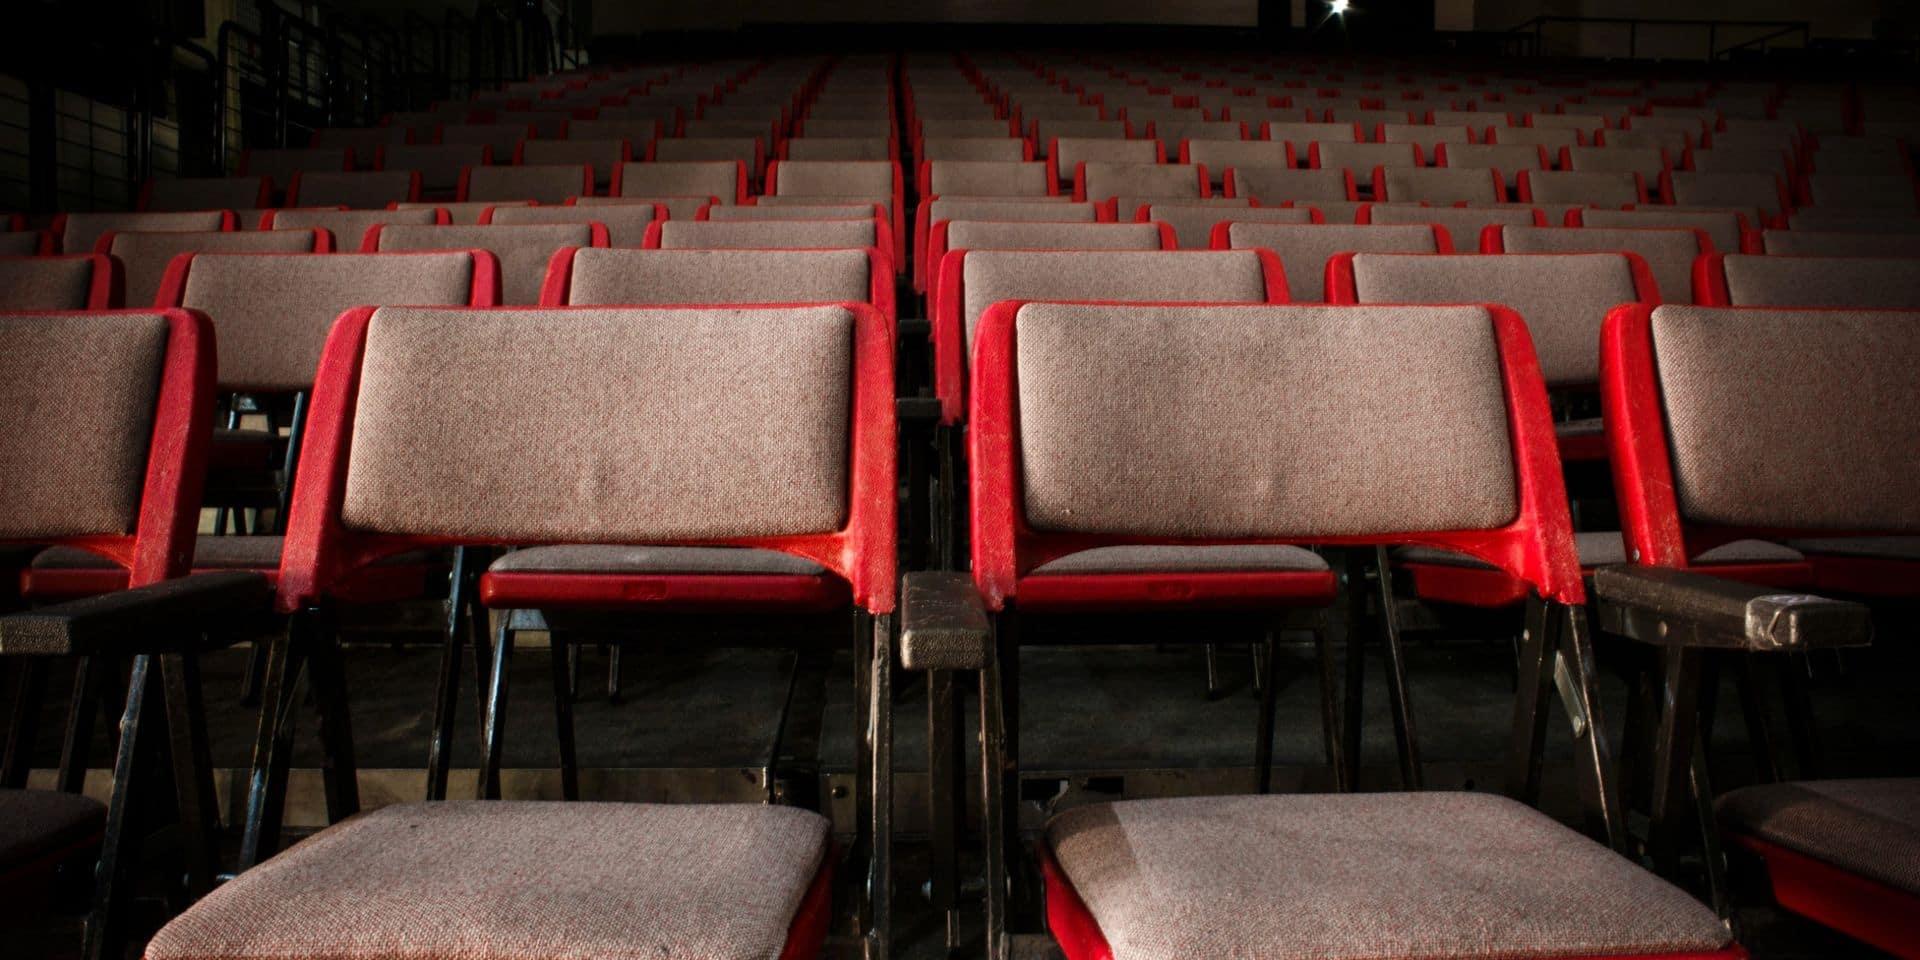 Le box-office nord-américain au plus bas depuis 20 ans